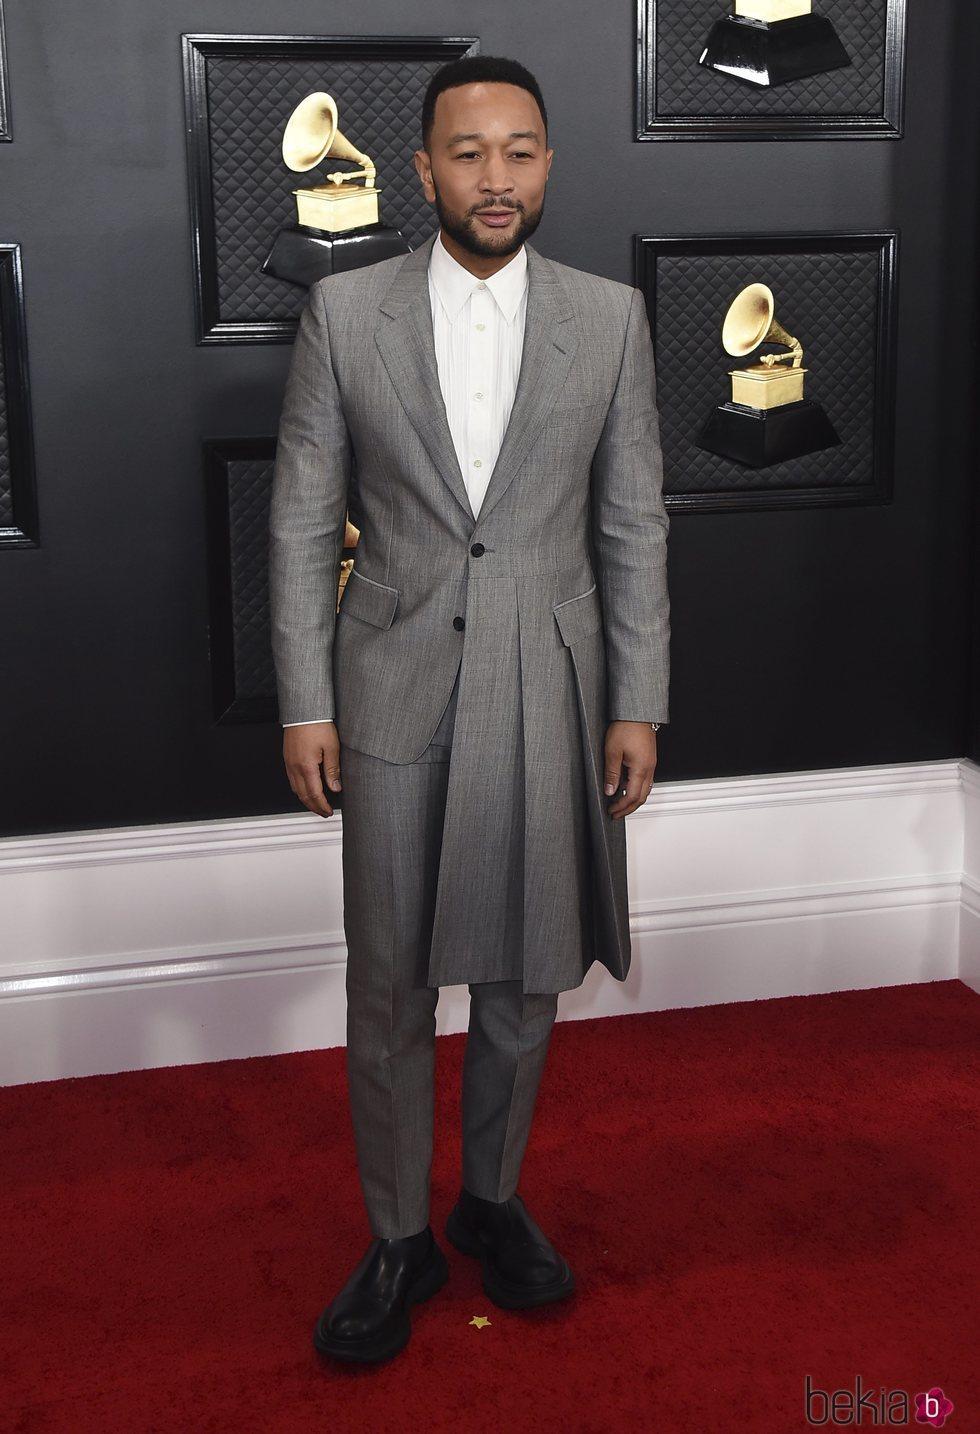 John Legend en la alfombra roja de los Premios Grammy 2020